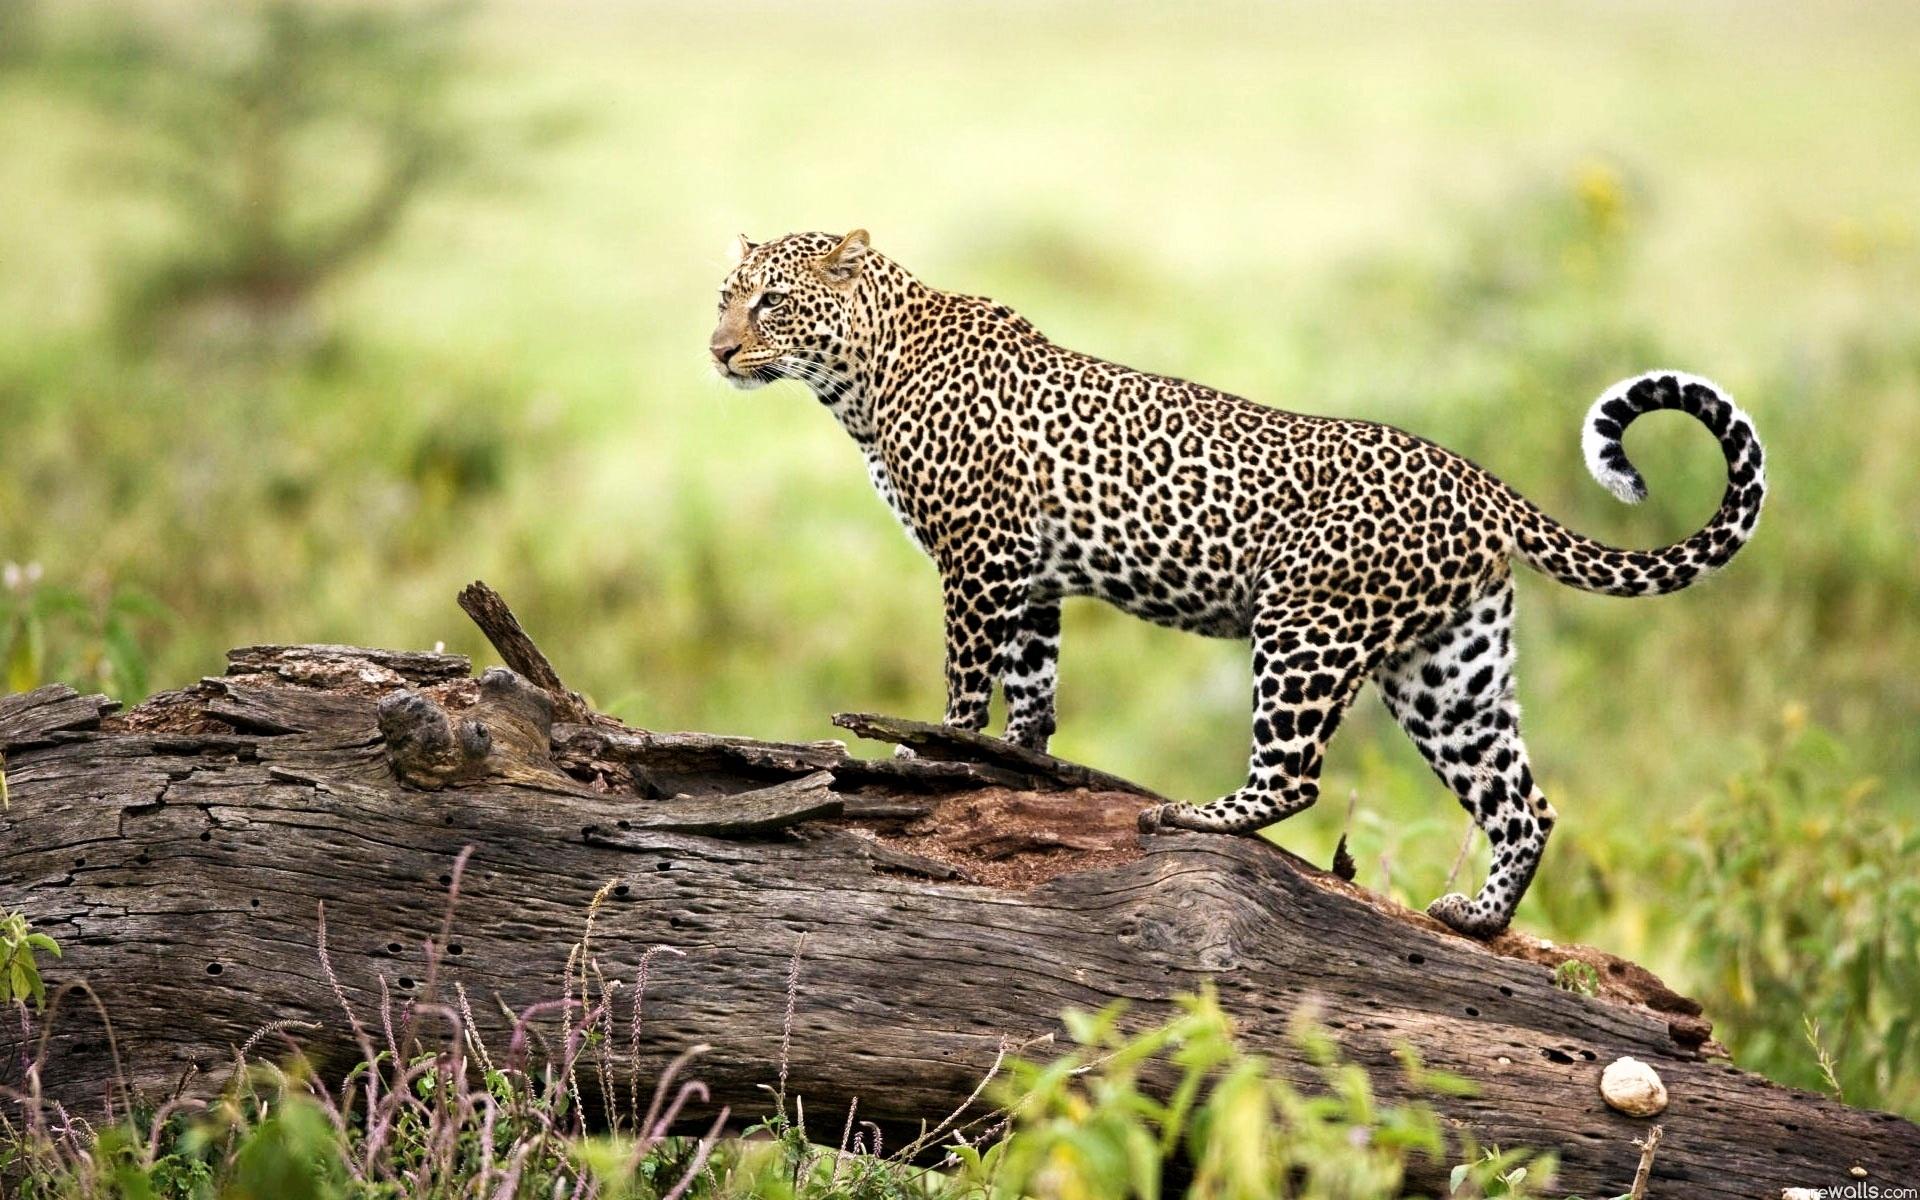 HD Wildlife Wallpaper - WallpaperSafari